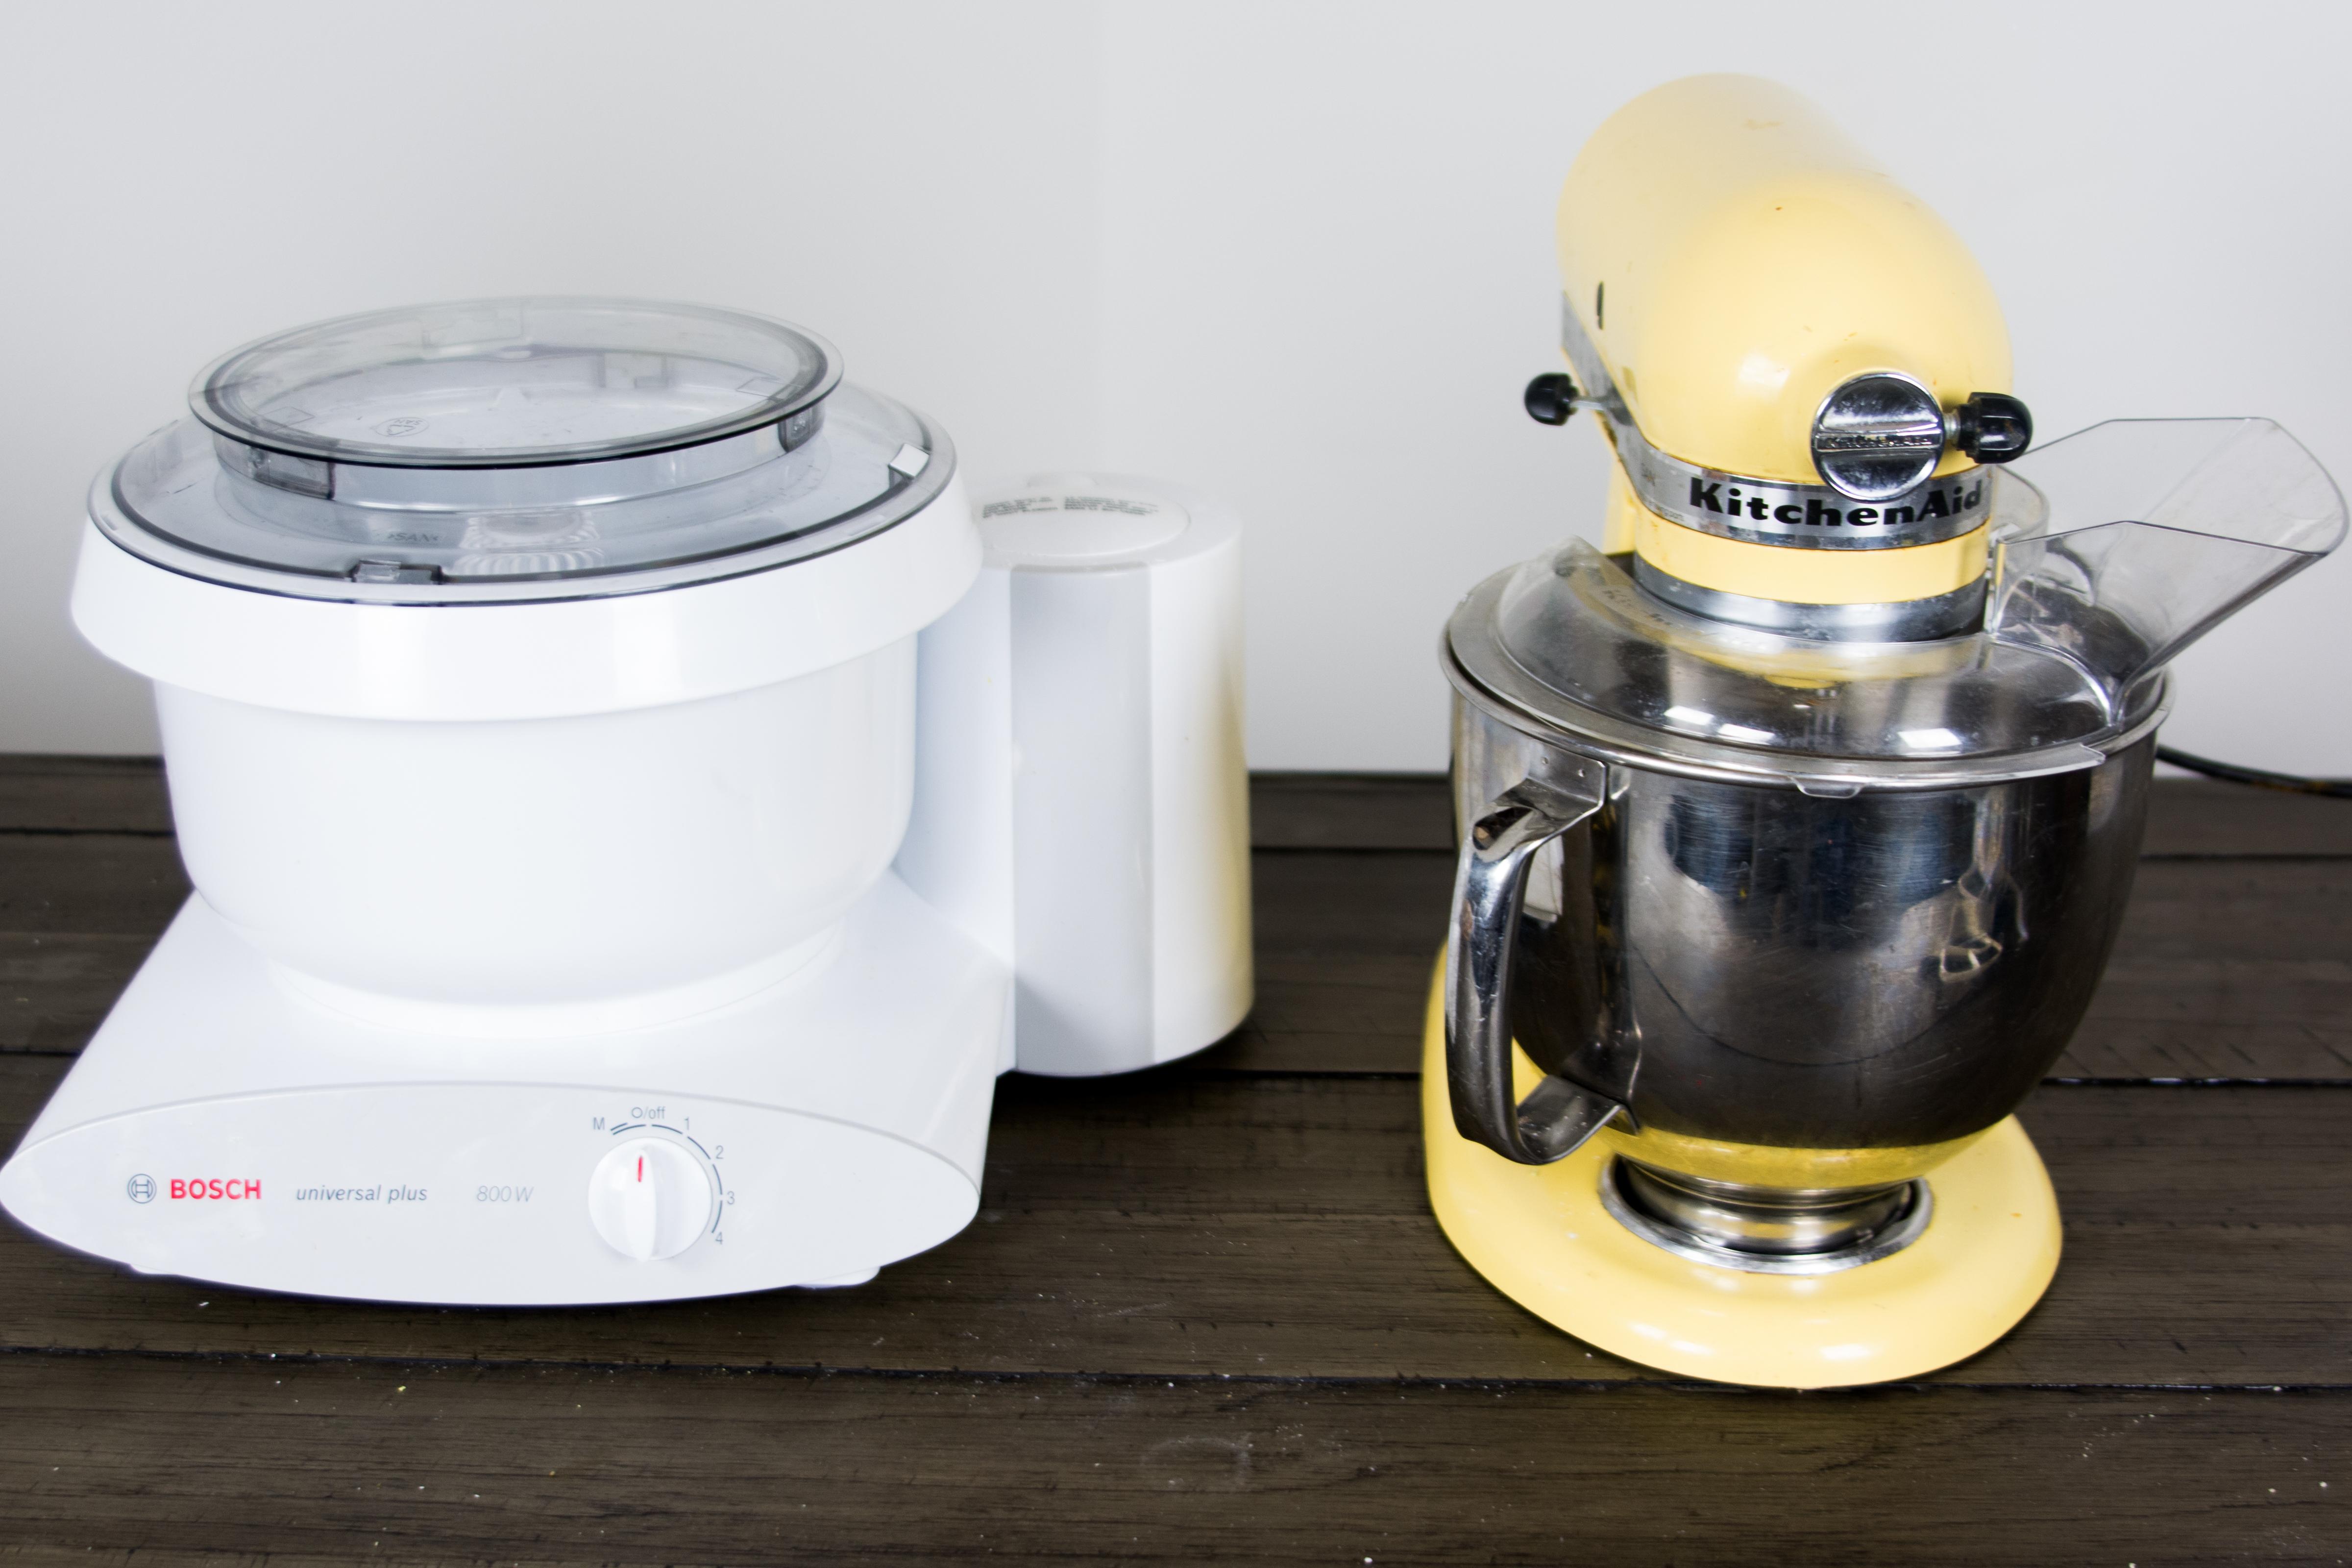 bosch versus kitchen aid